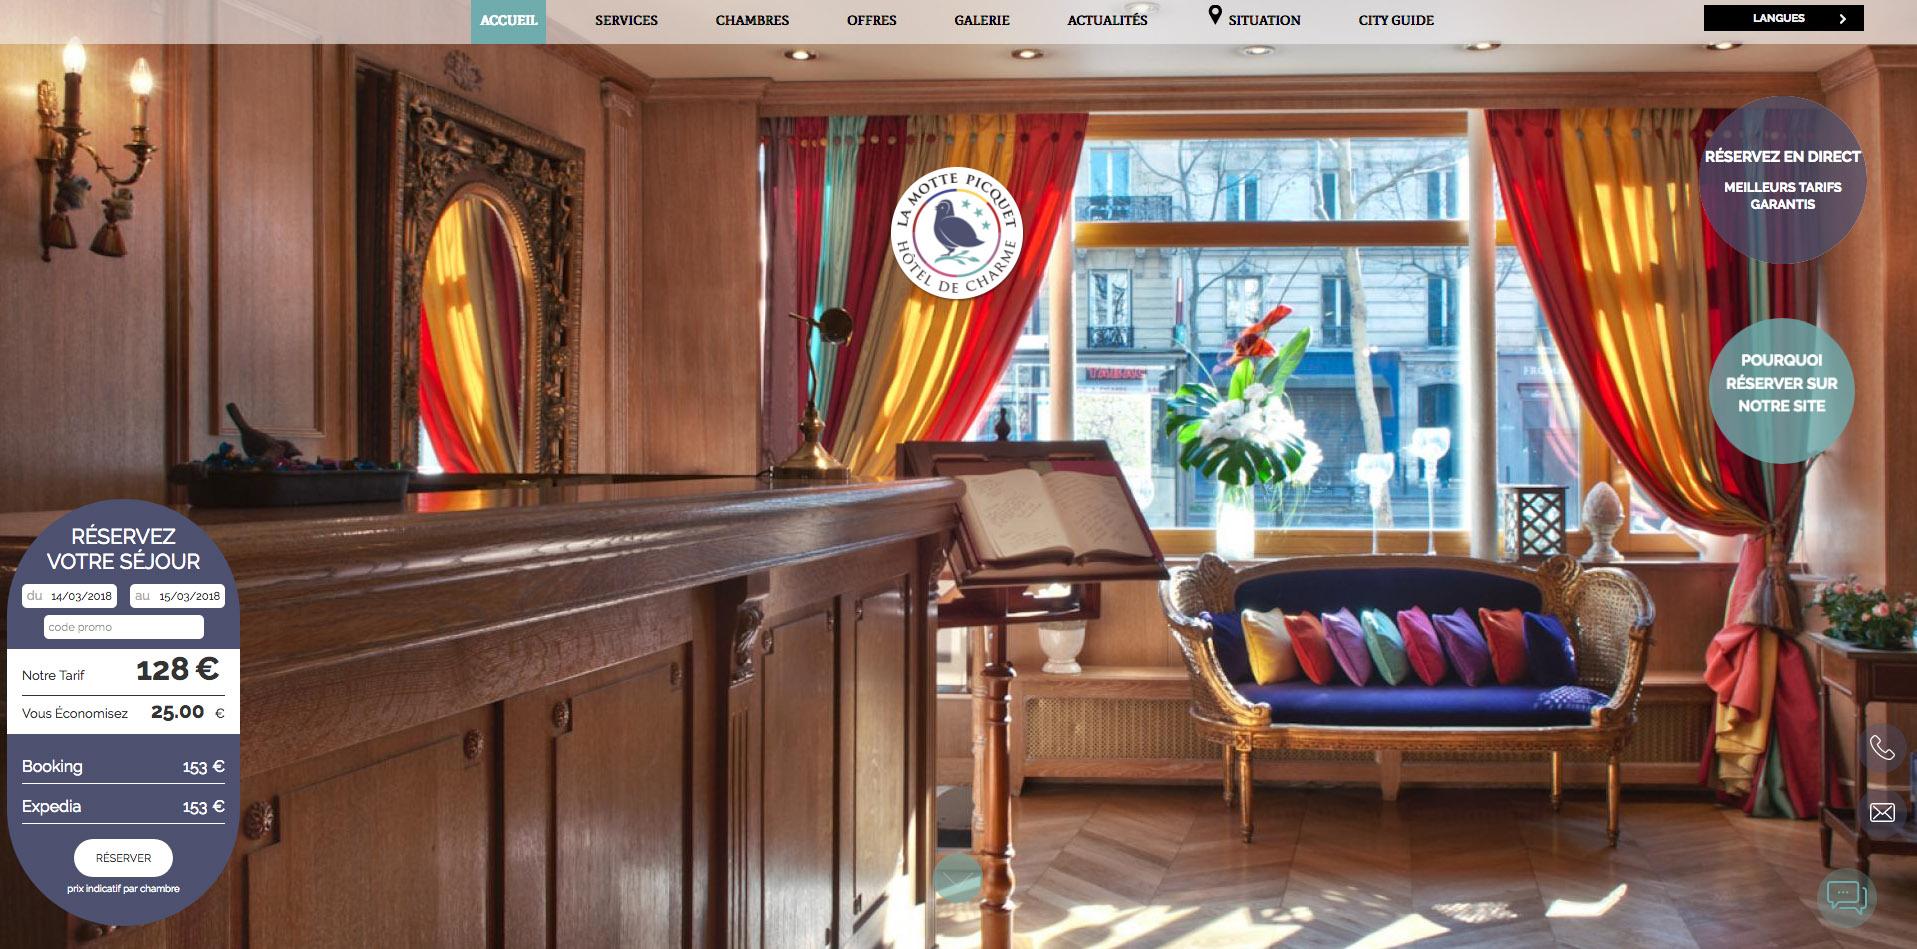 Letto A Castello Traduzione Inglese.Hotel De La Motte Picquet Paris Servizi Albergo Centro Di Parigi